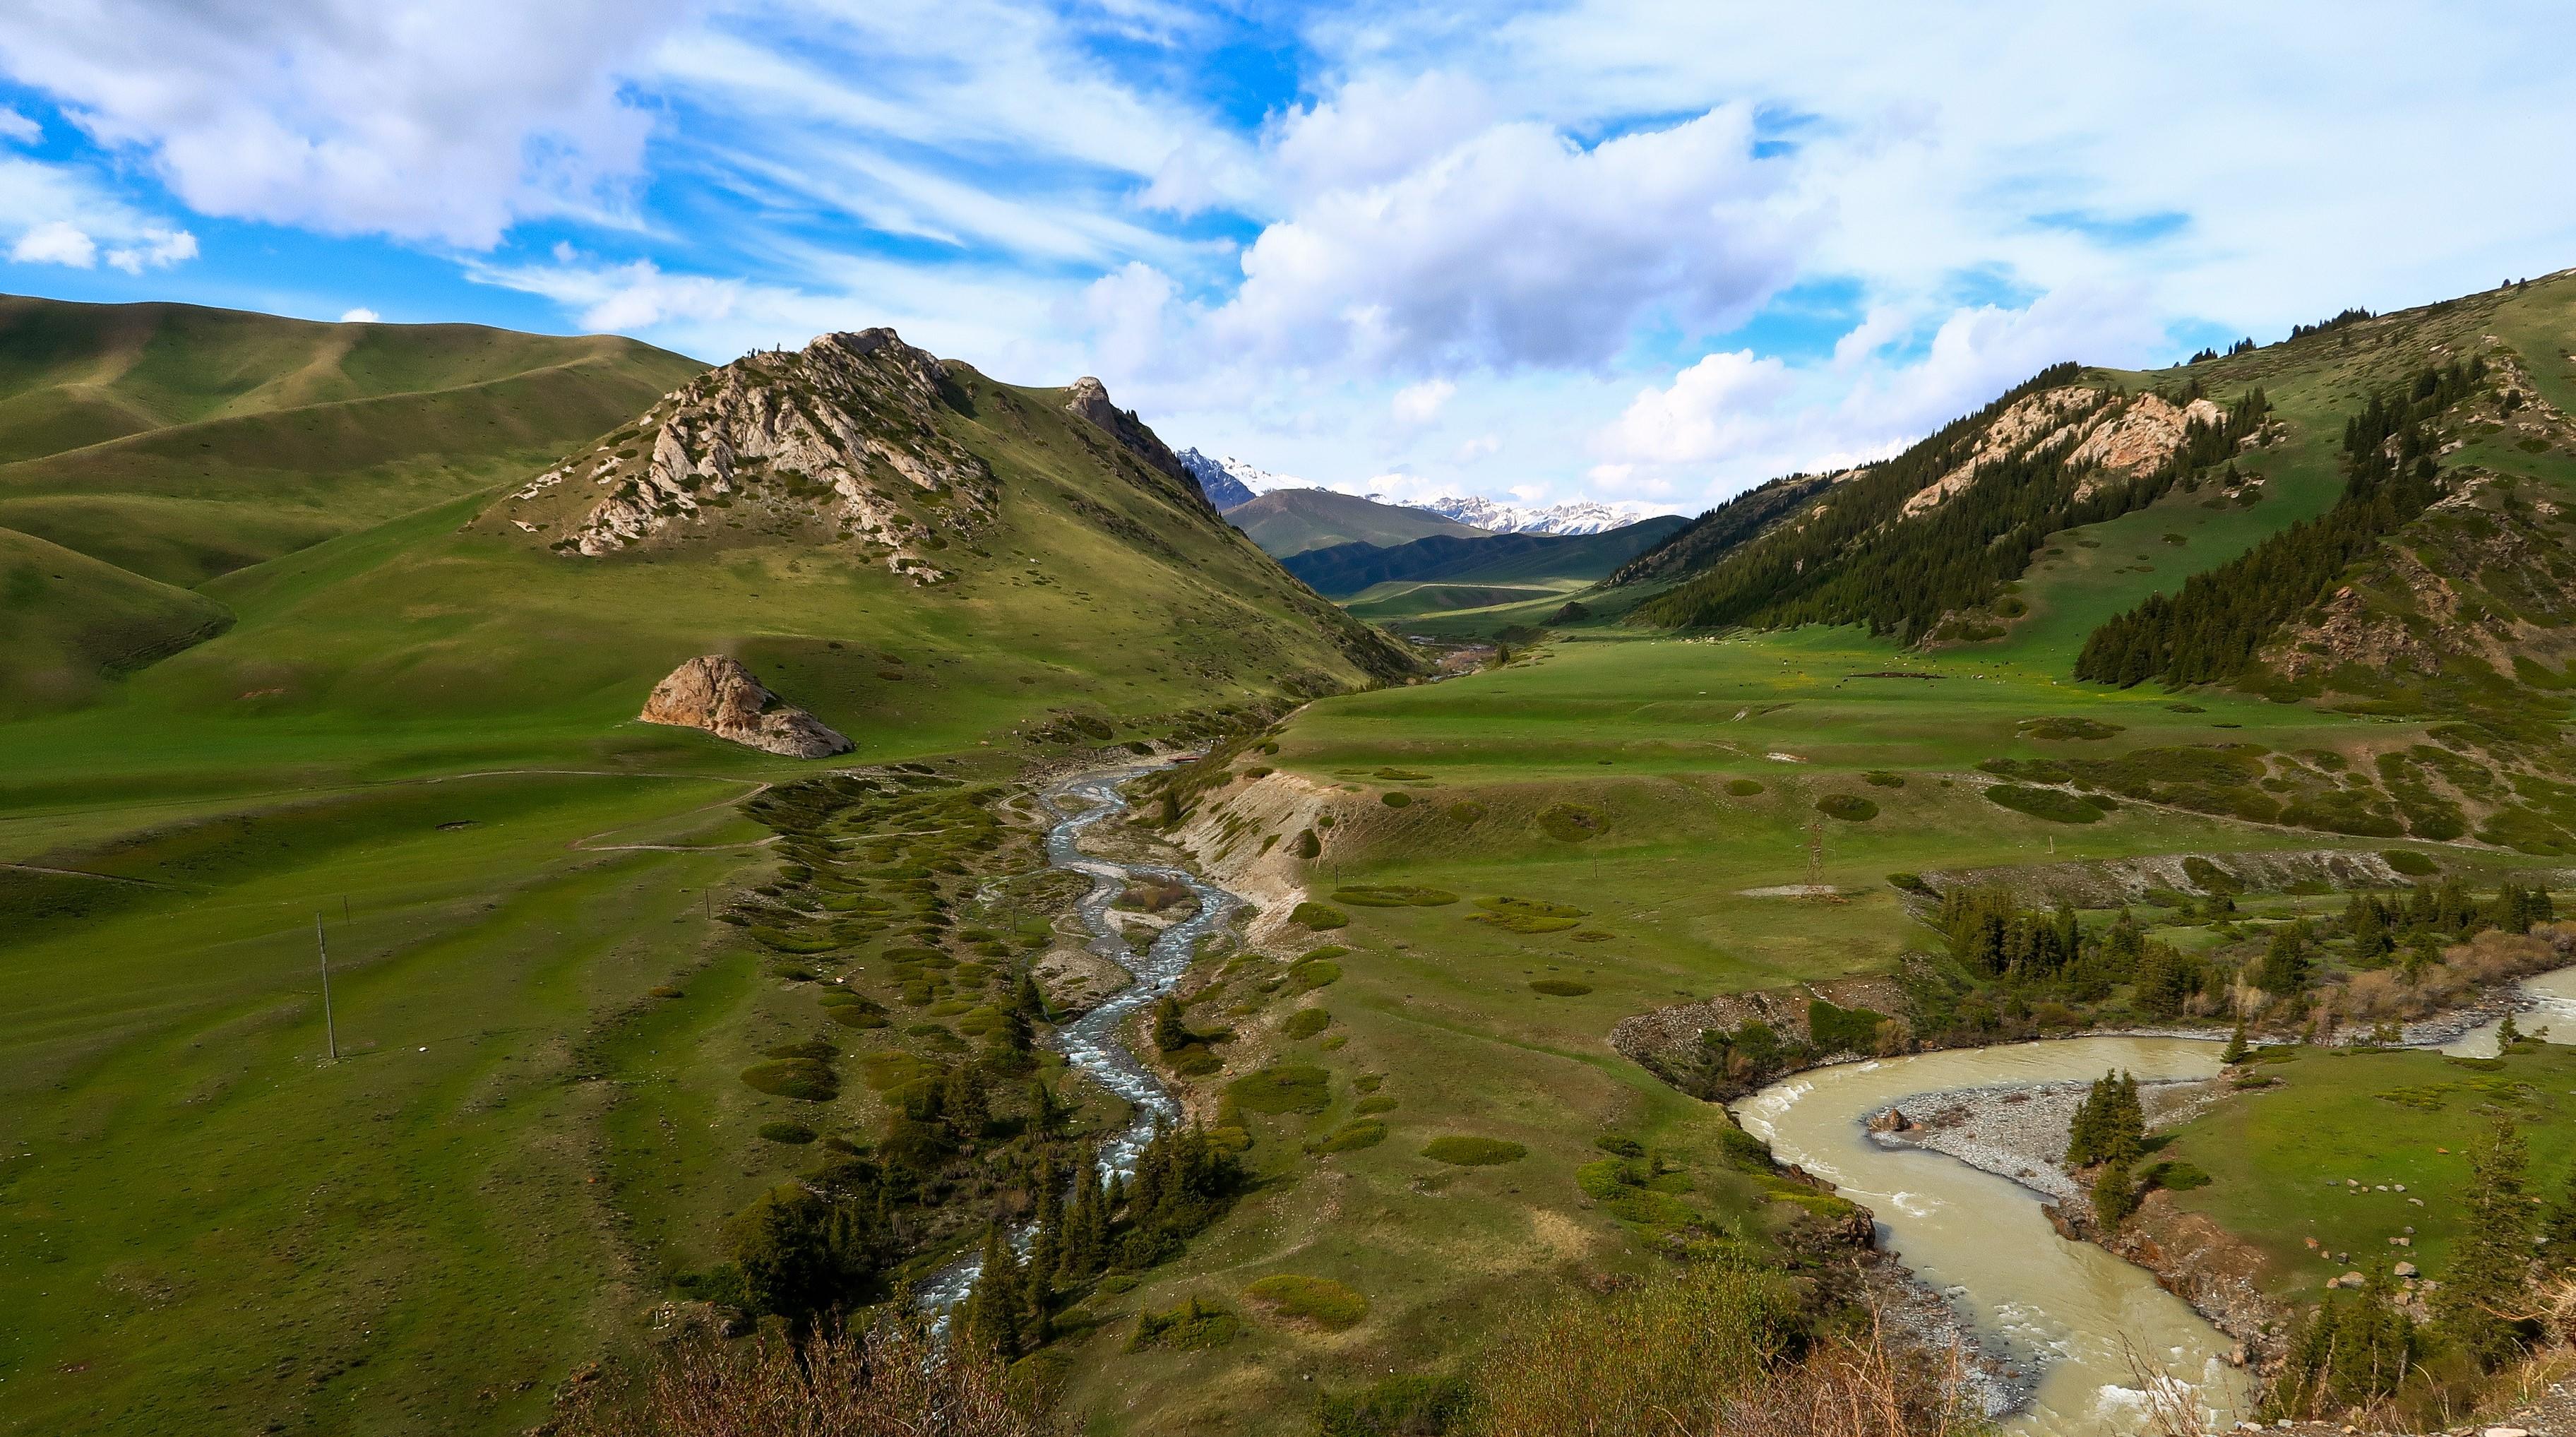 Kyrgyzstan river view